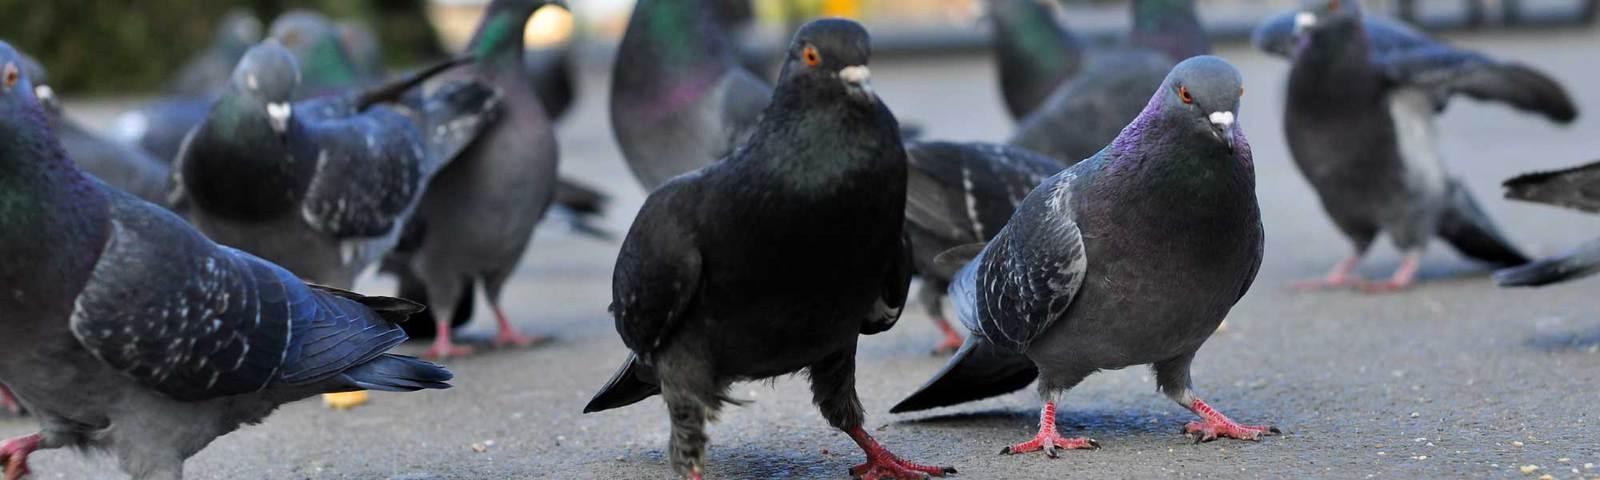 pigeon pest control in Essex & Suffolk